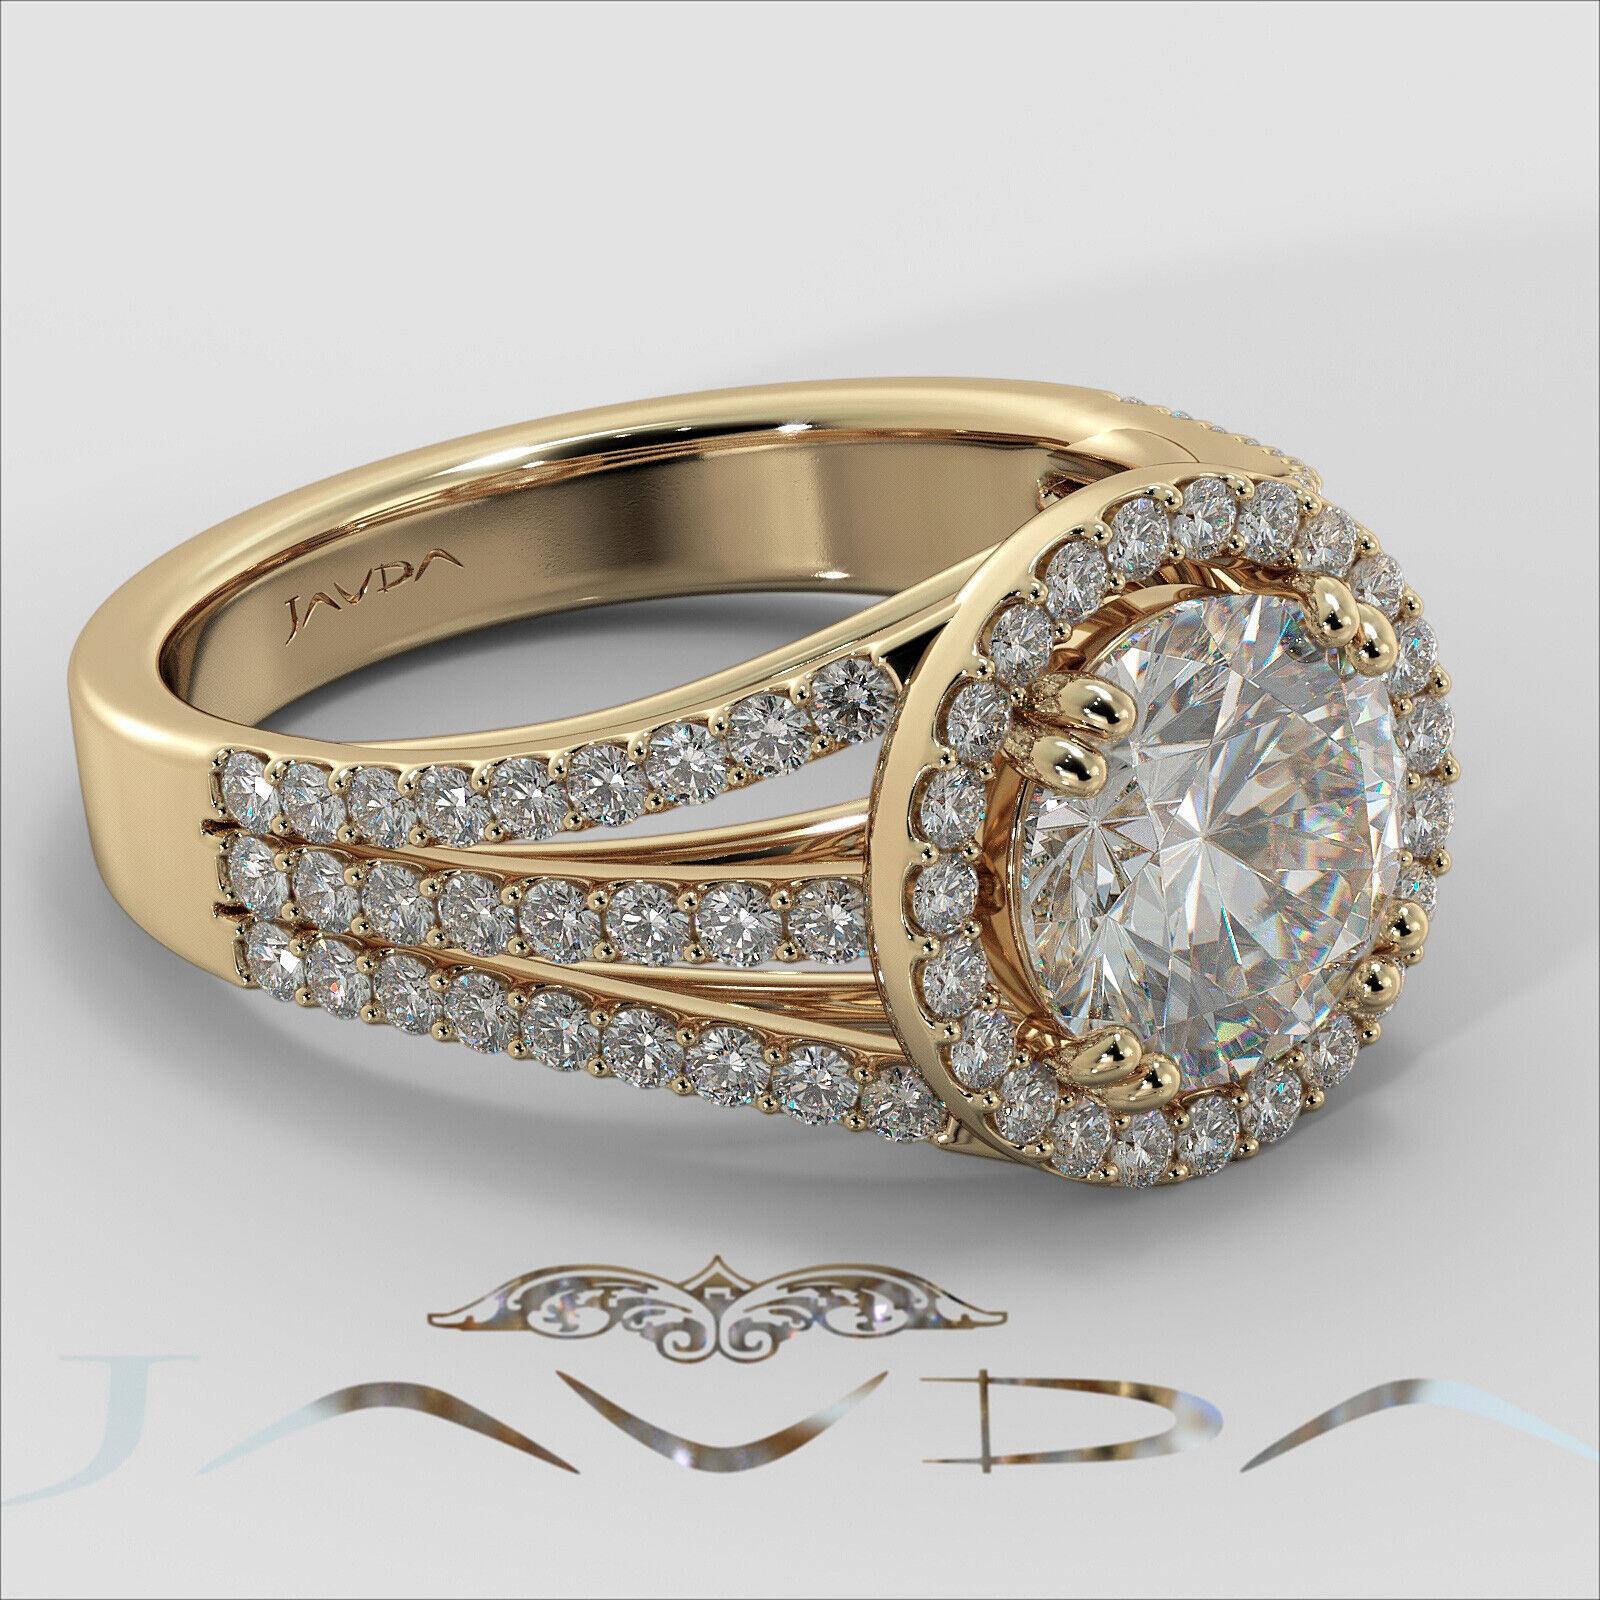 2ct Trio Shank Halo Sidestone Round Diamond Engagement Ring GIA E-VS2 White Gold 10